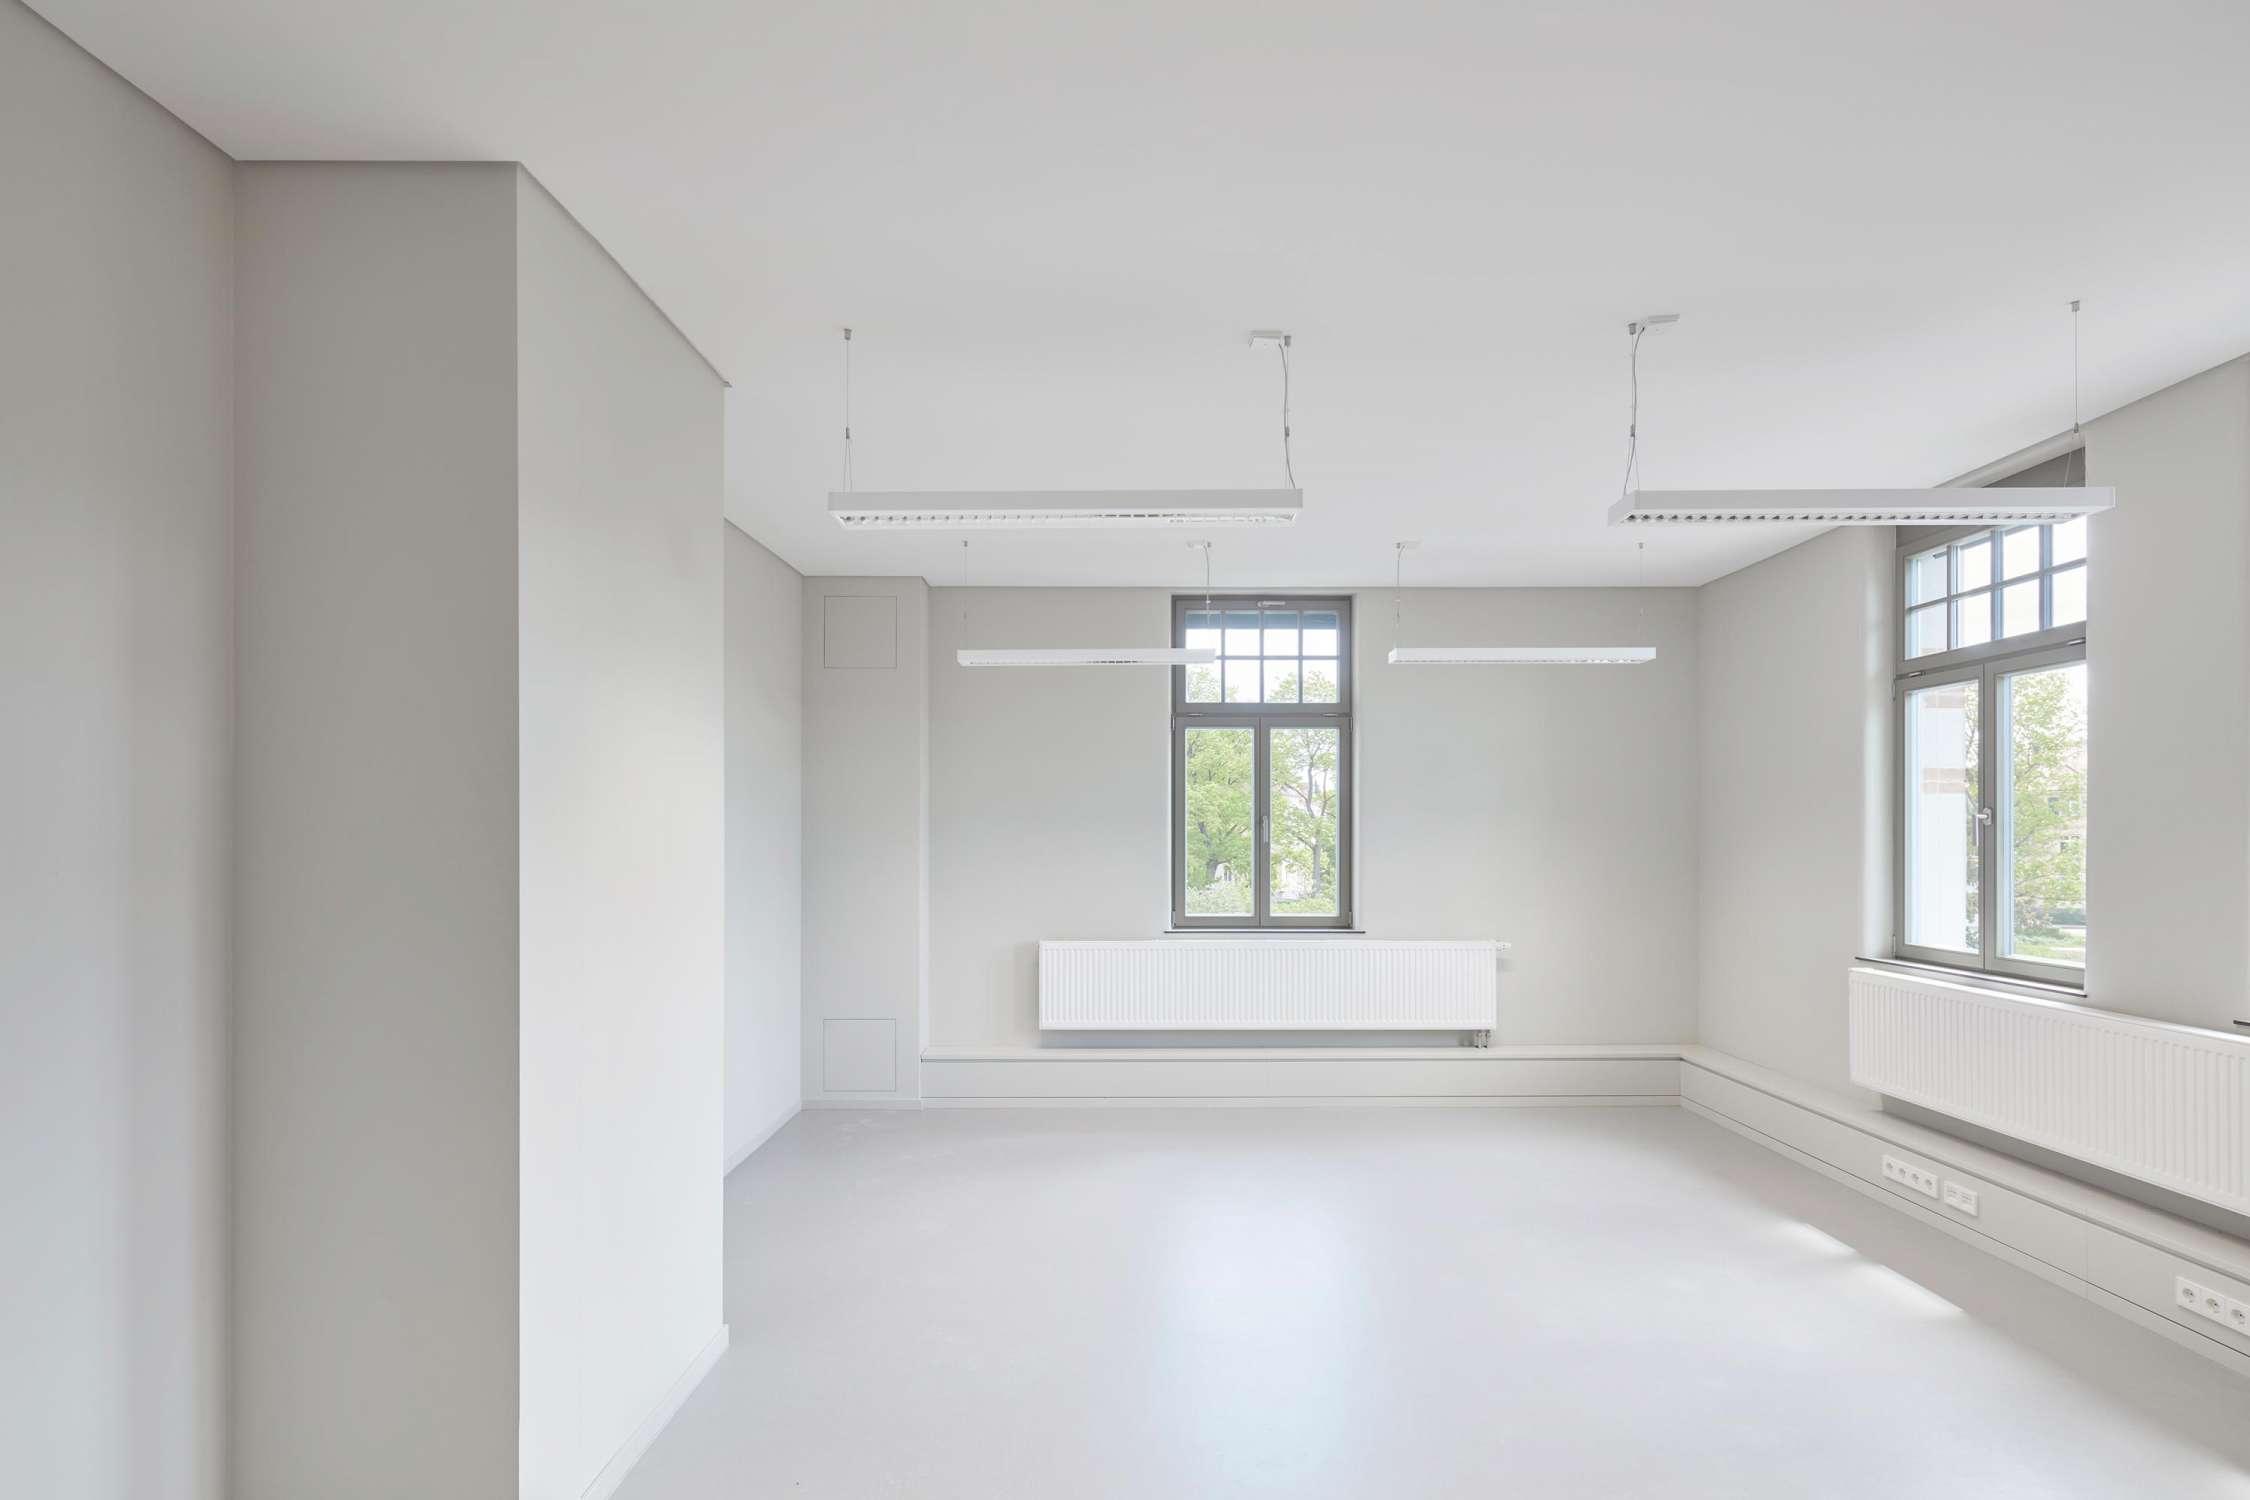 Denkmalpflegerische Sanierung und Umbau Amts-, Nachlass- und Betreuungsgericht (12)